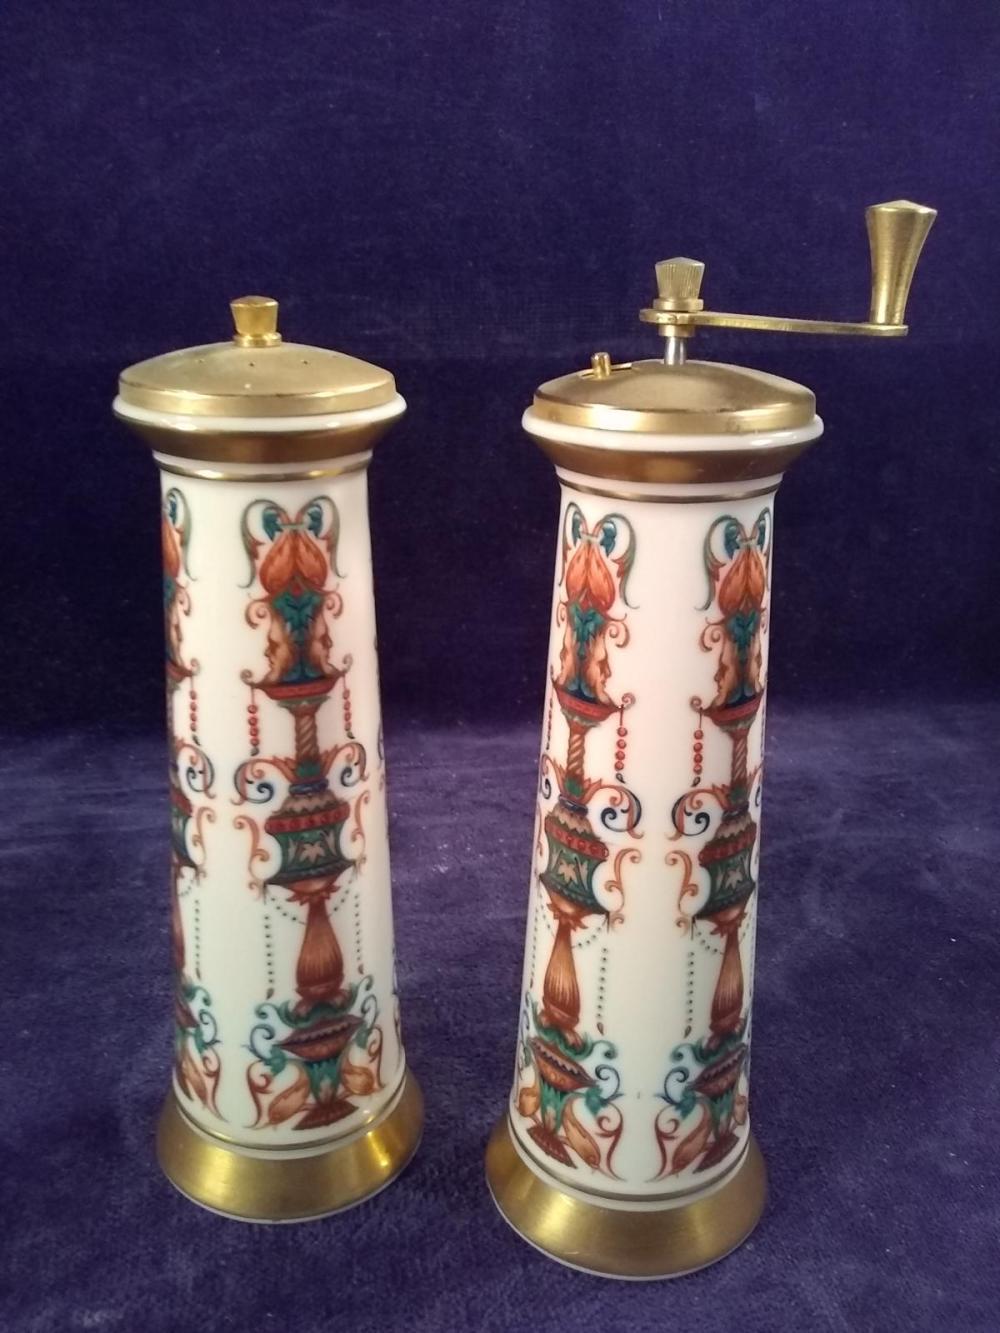 Lennox Porcelain Salt and Pepper Grinder